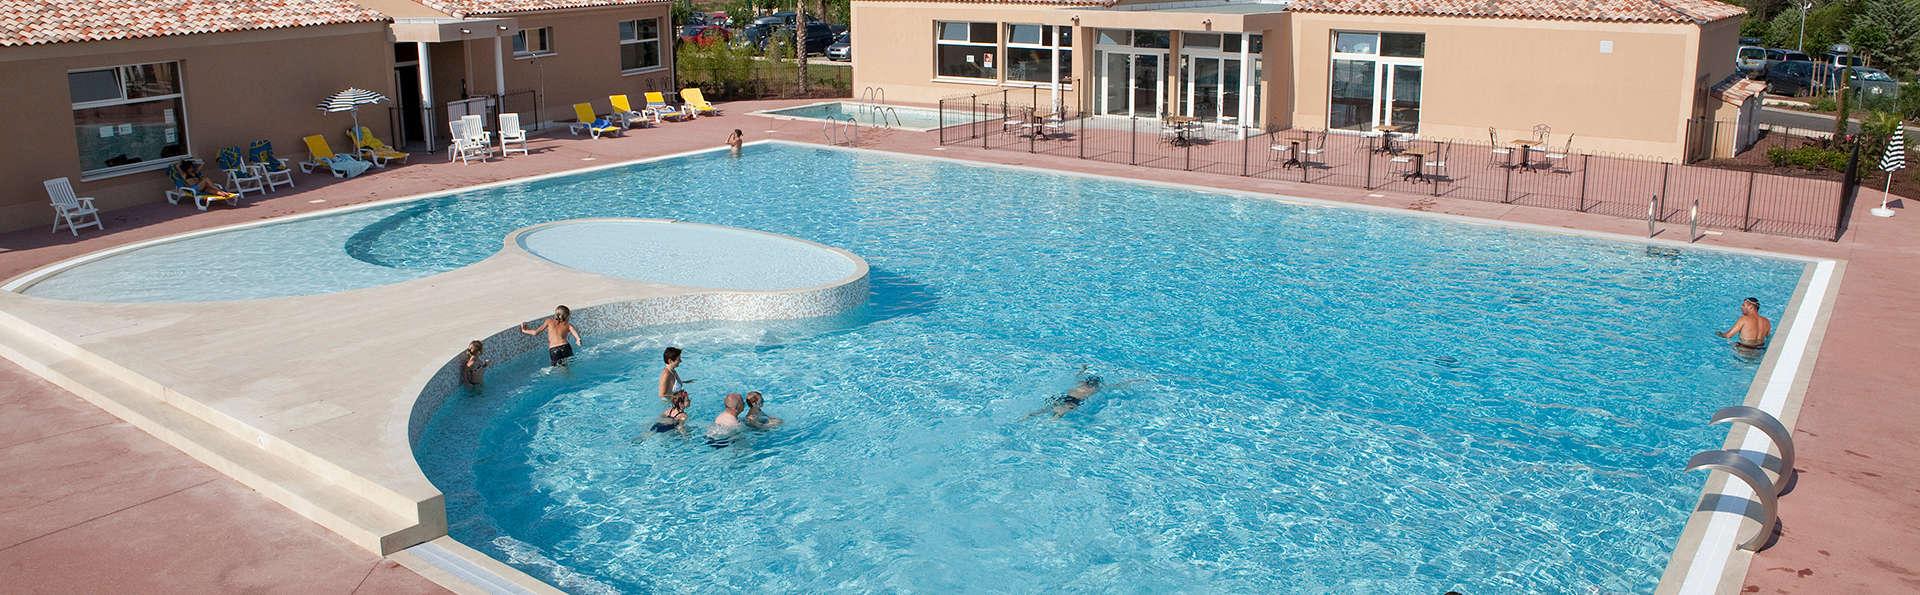 Vacancéole - Résidence Les Demeures du Ventoux - Edit_Pool4.jpg